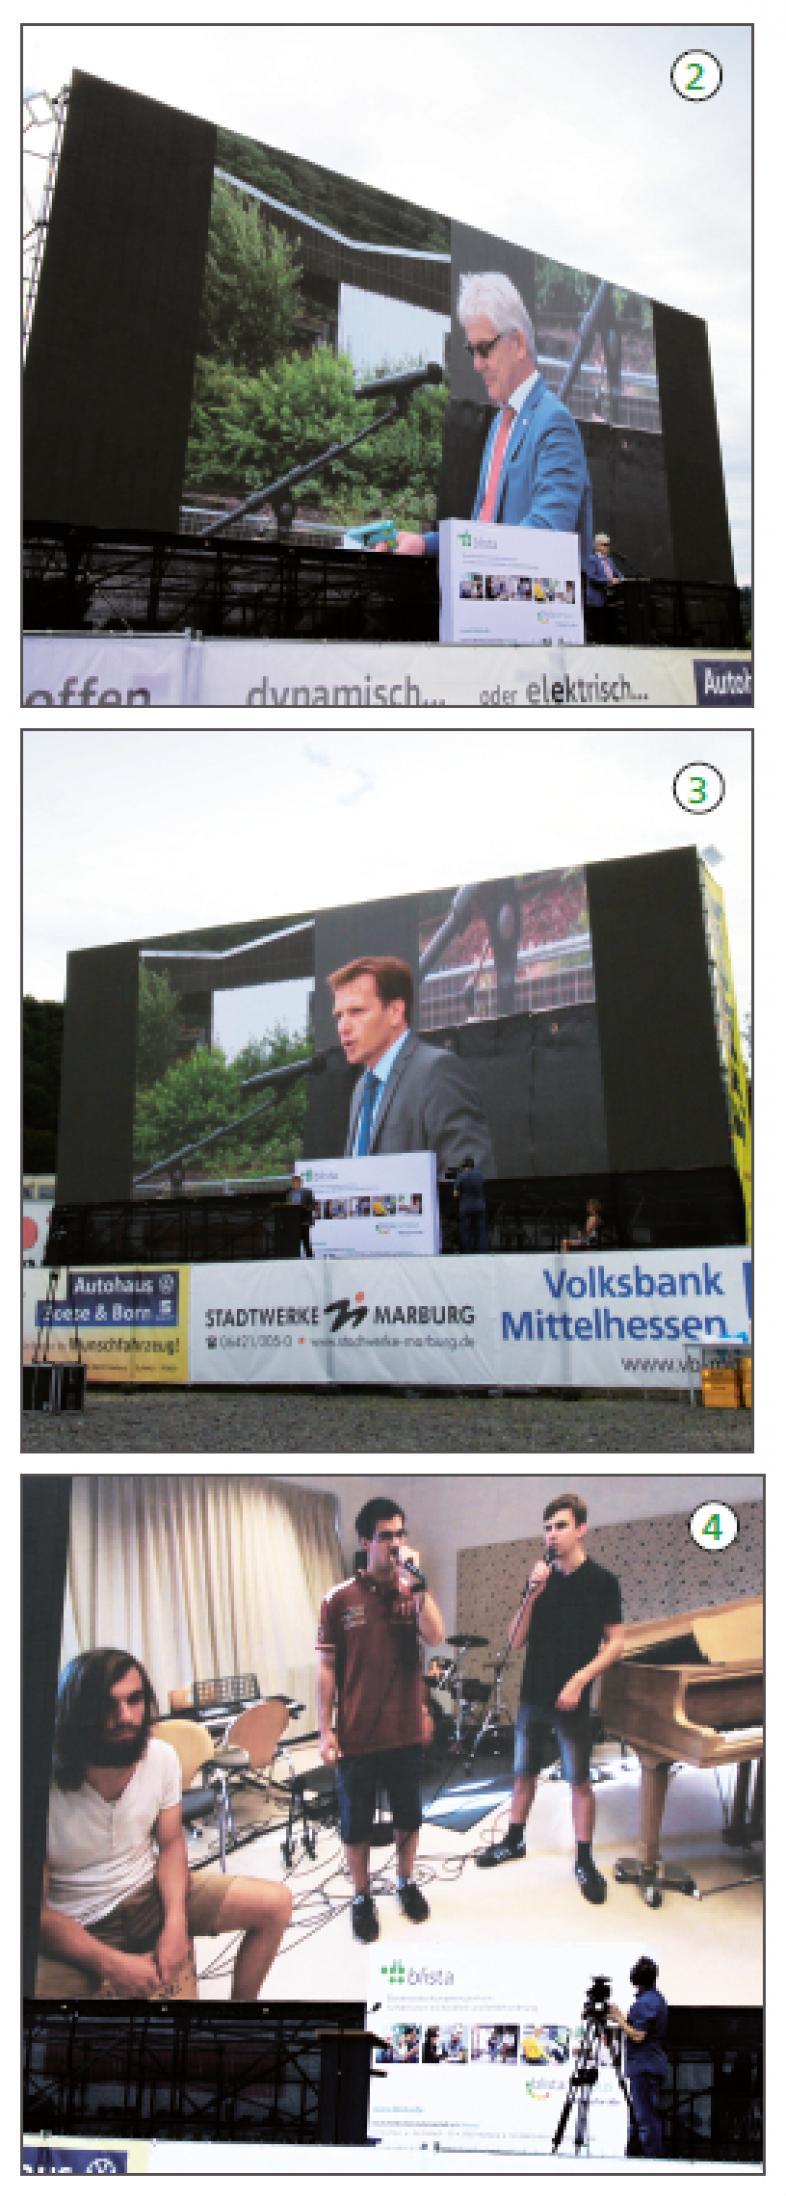 Drei Fotos zeigen wie im Text beschrieben Dirkektor Duncker bei seiner Ansprache, Schulleiter Peter Audretsch am Rednerpult und die Schülerband